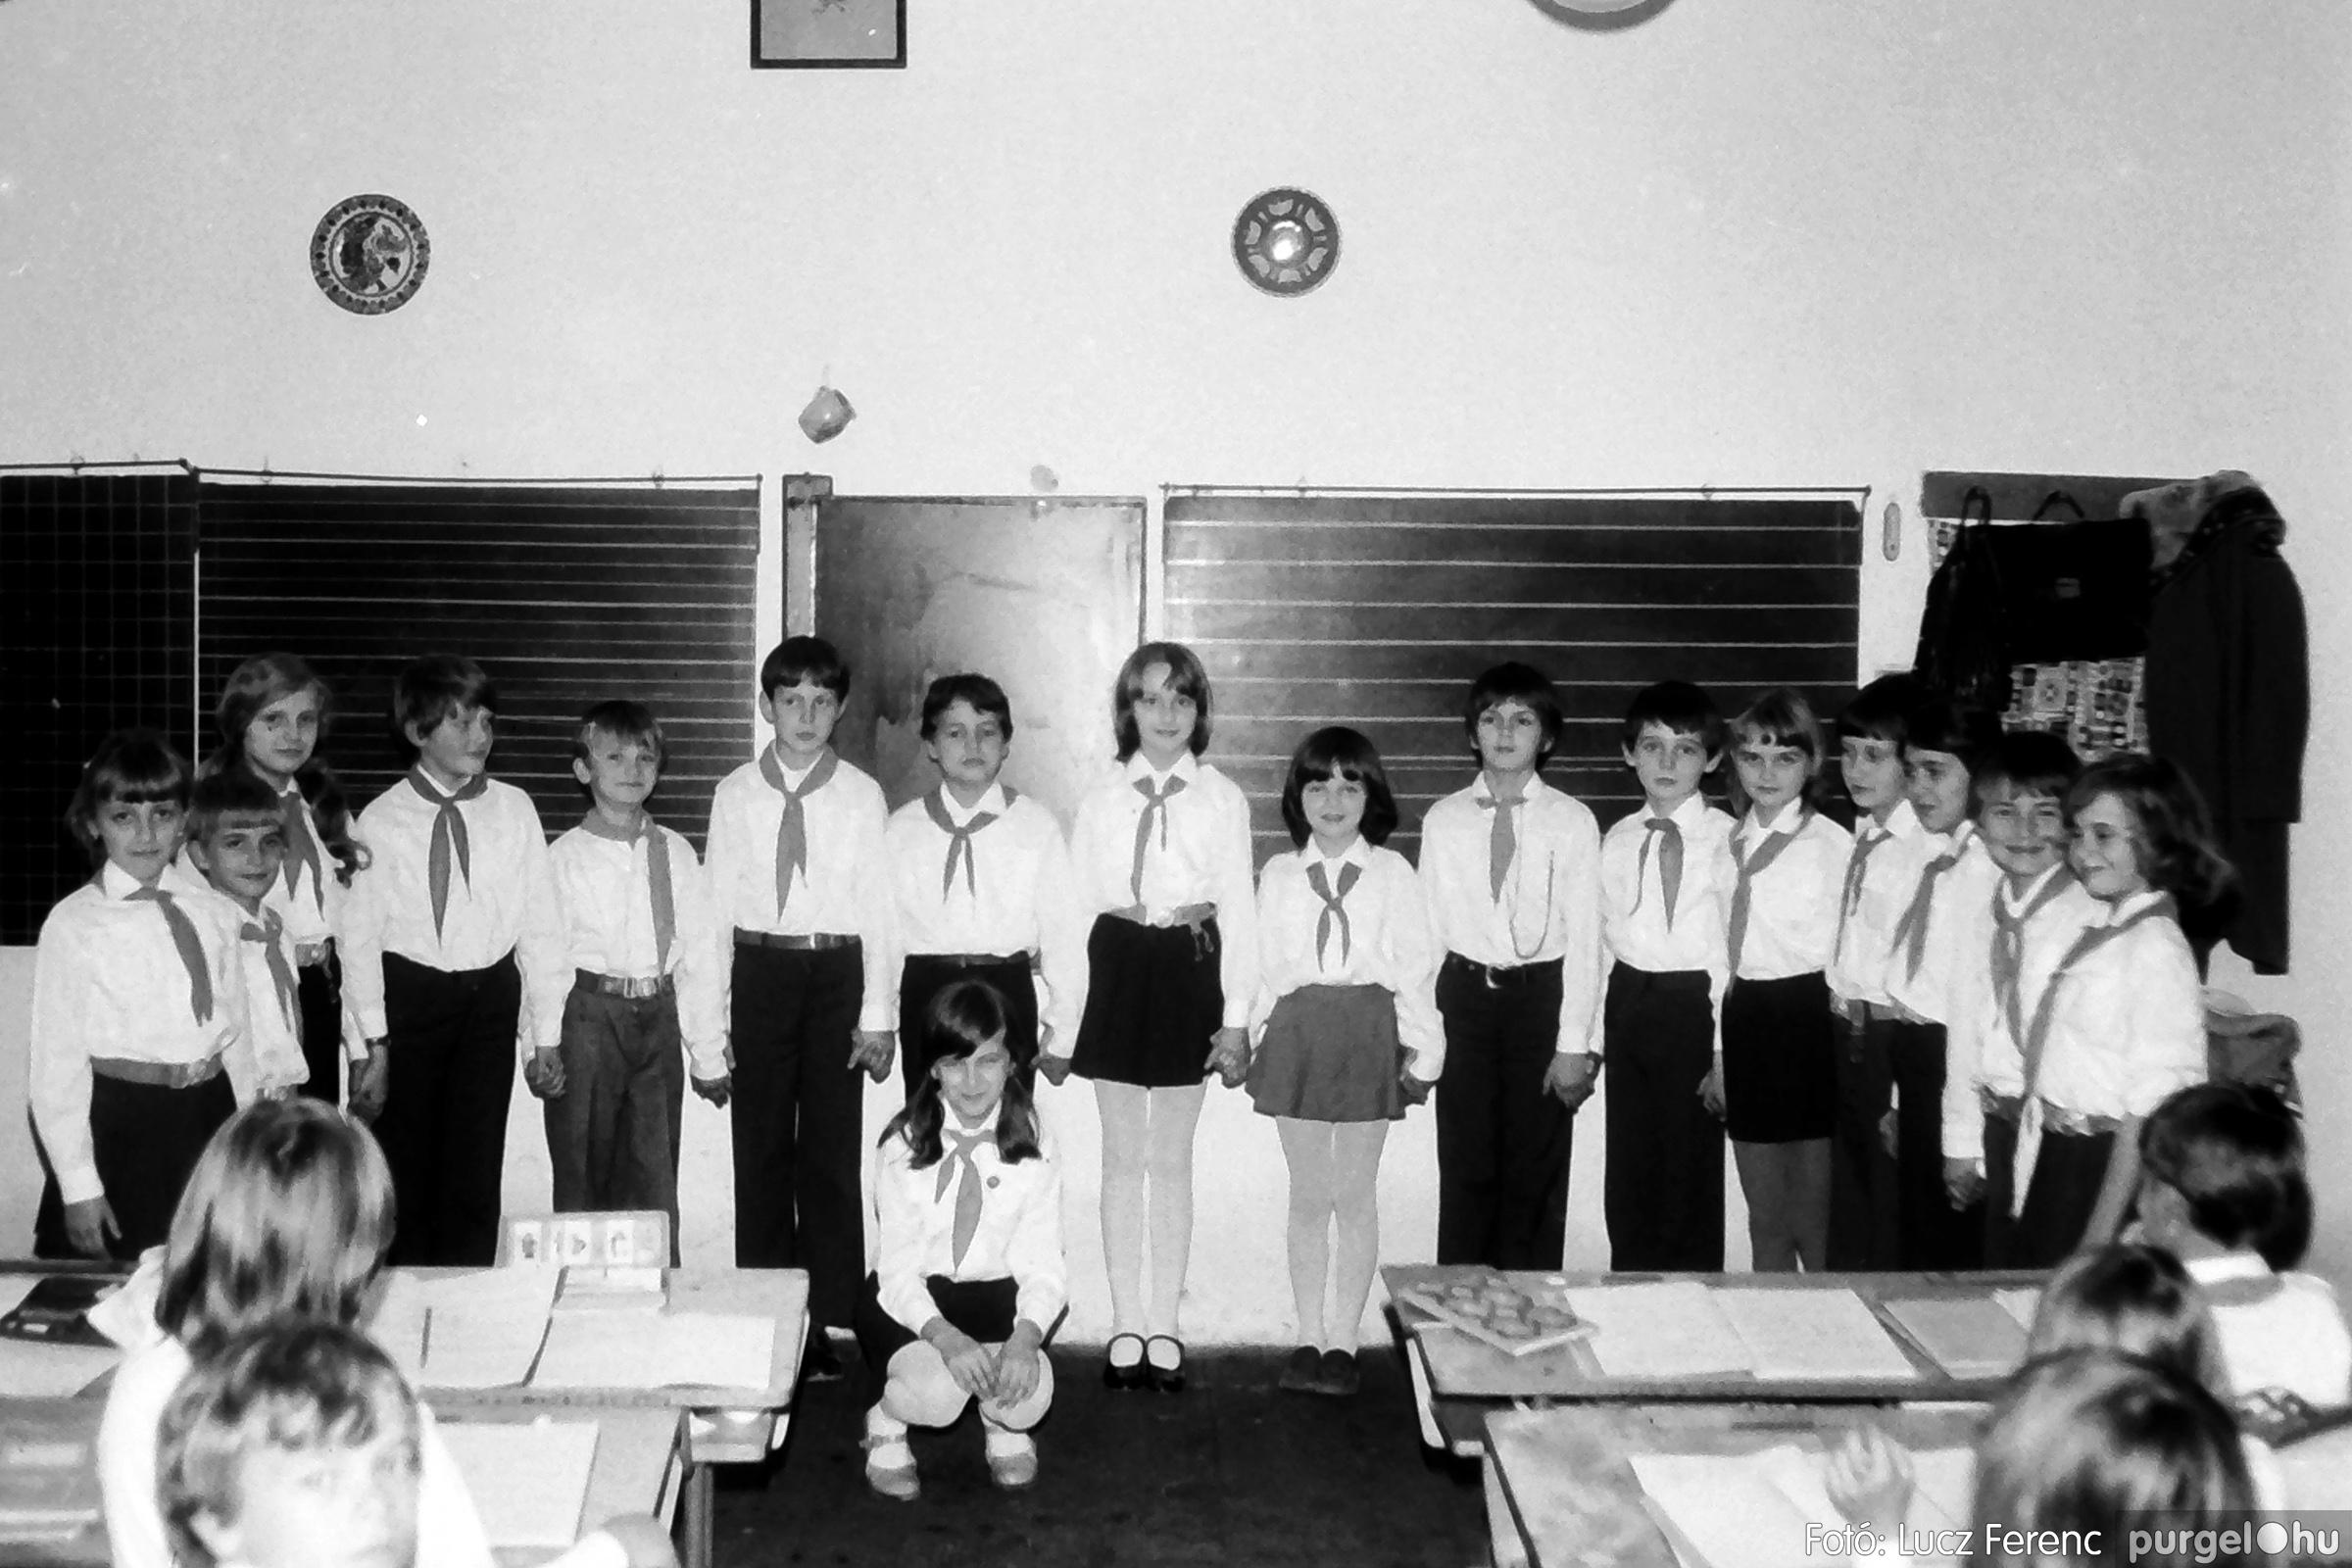 092. 1977. Úttörő rendezvény a Központi Általános Iskolában 005. - Fotó: Lucz Ferenc.jpg